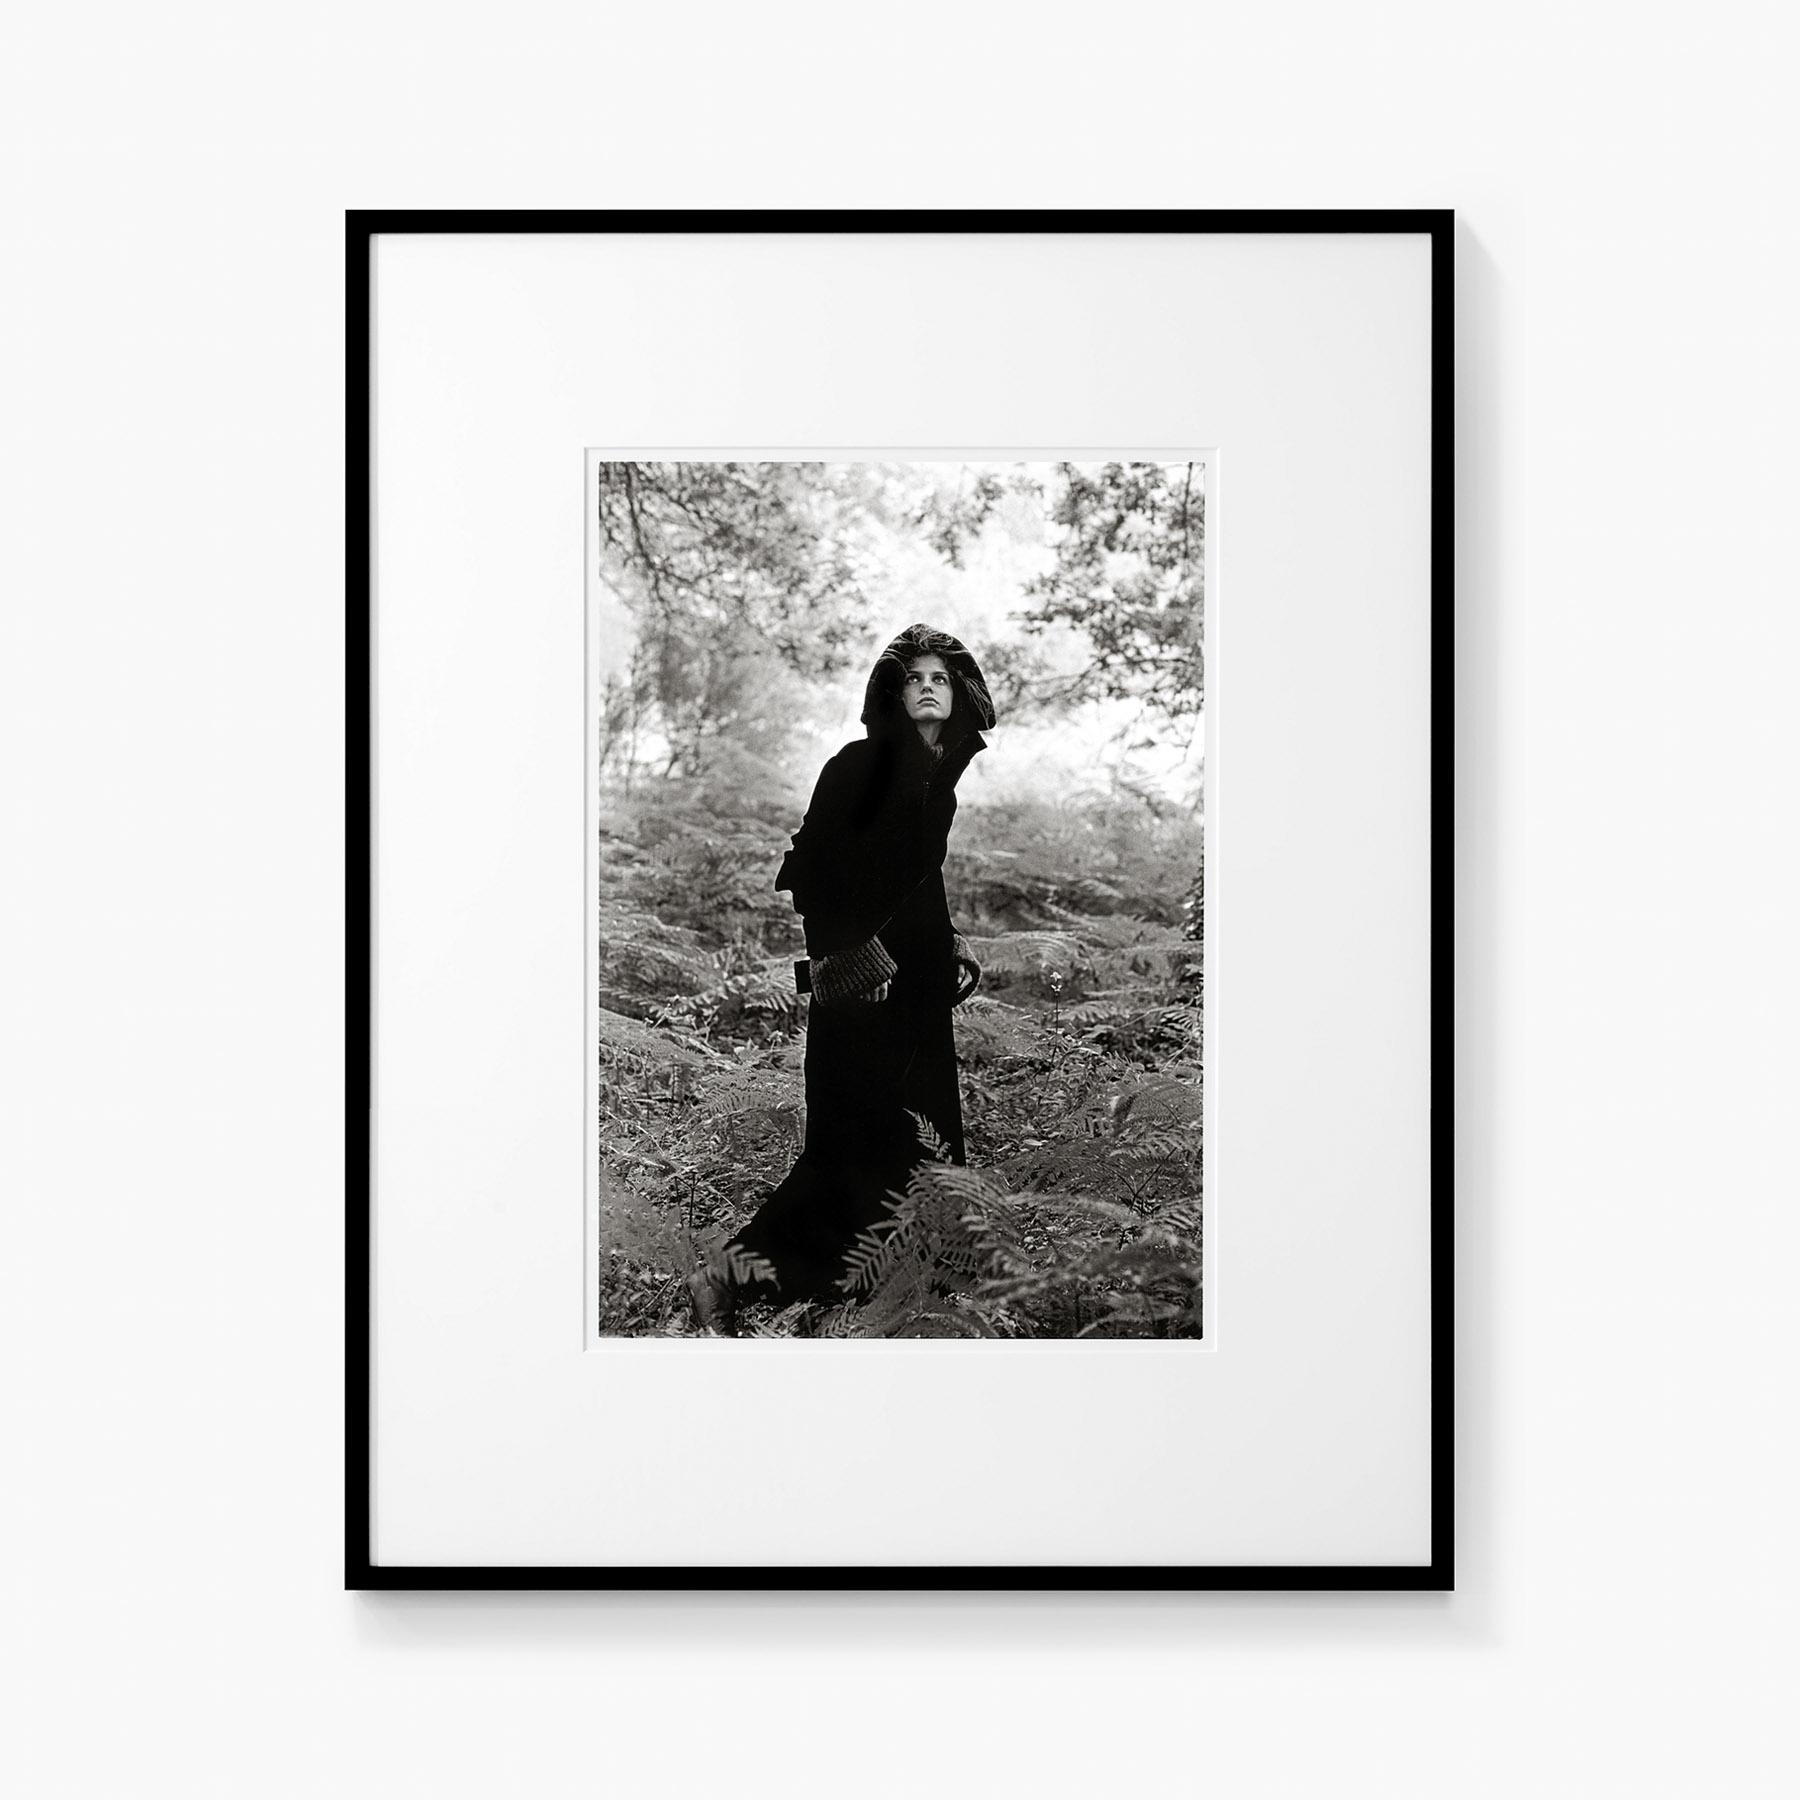 Tirage_Andre_Carrara_Alzbeta O'Connor, 1999, Tourraine